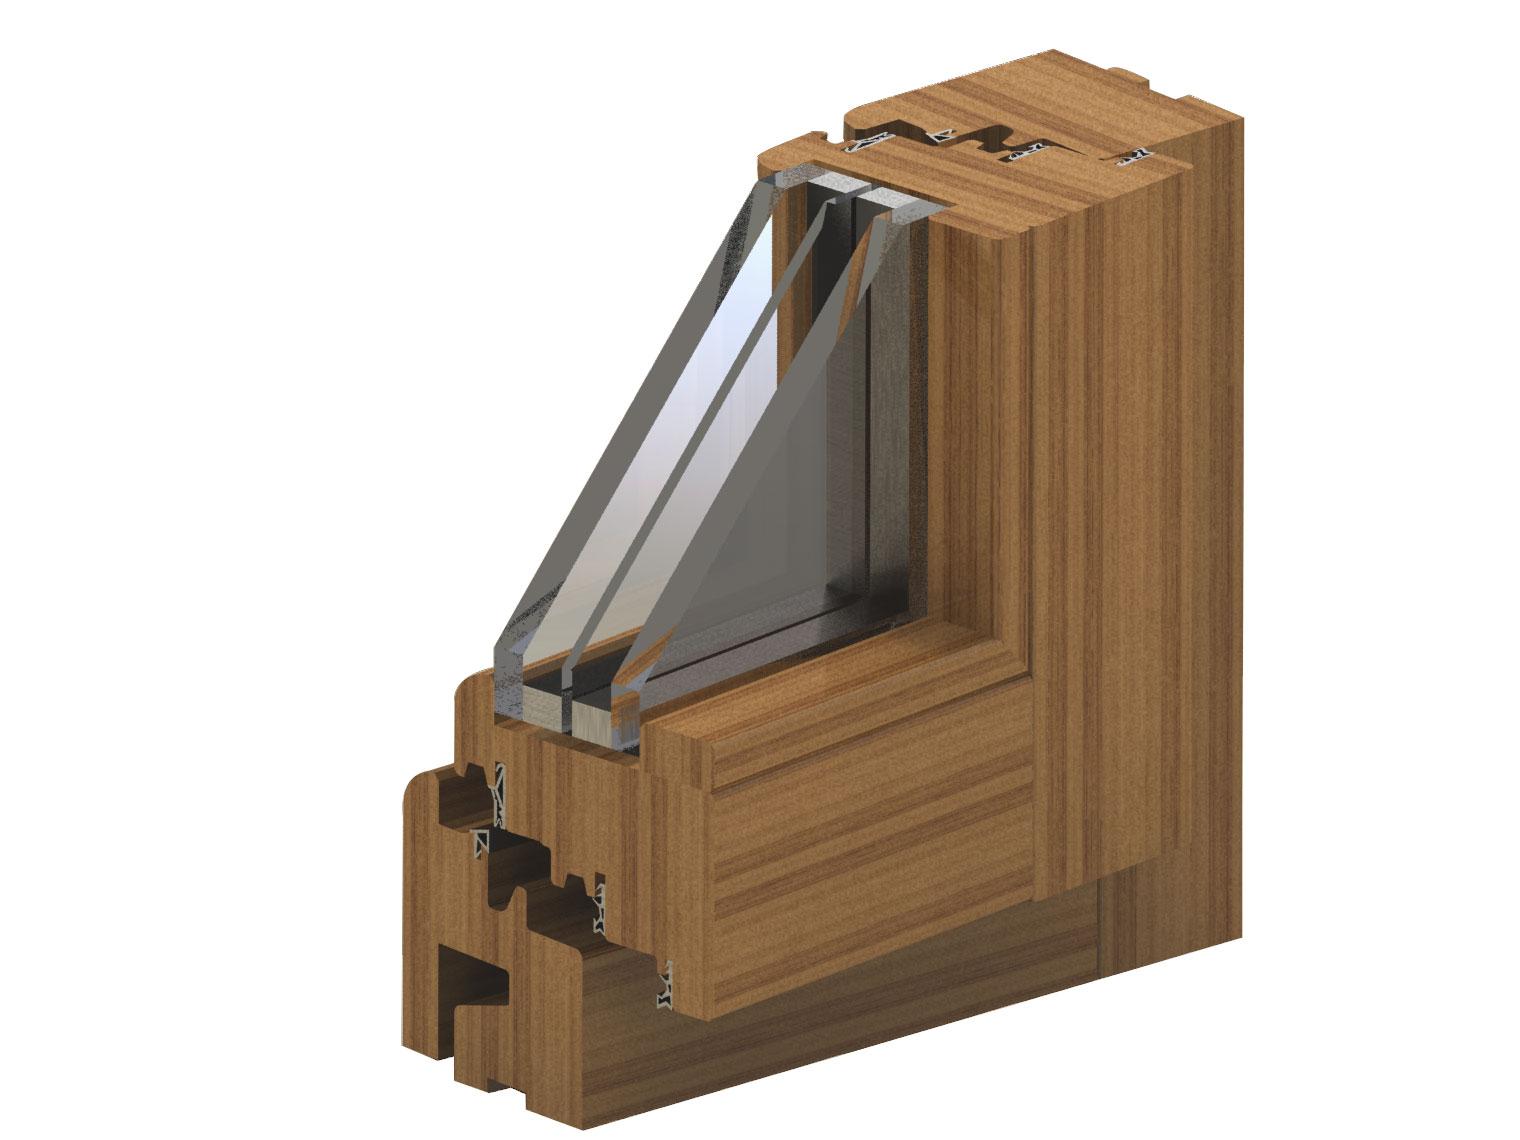 Finestre alluminio e legno a genova - Finestre pvc genova ...